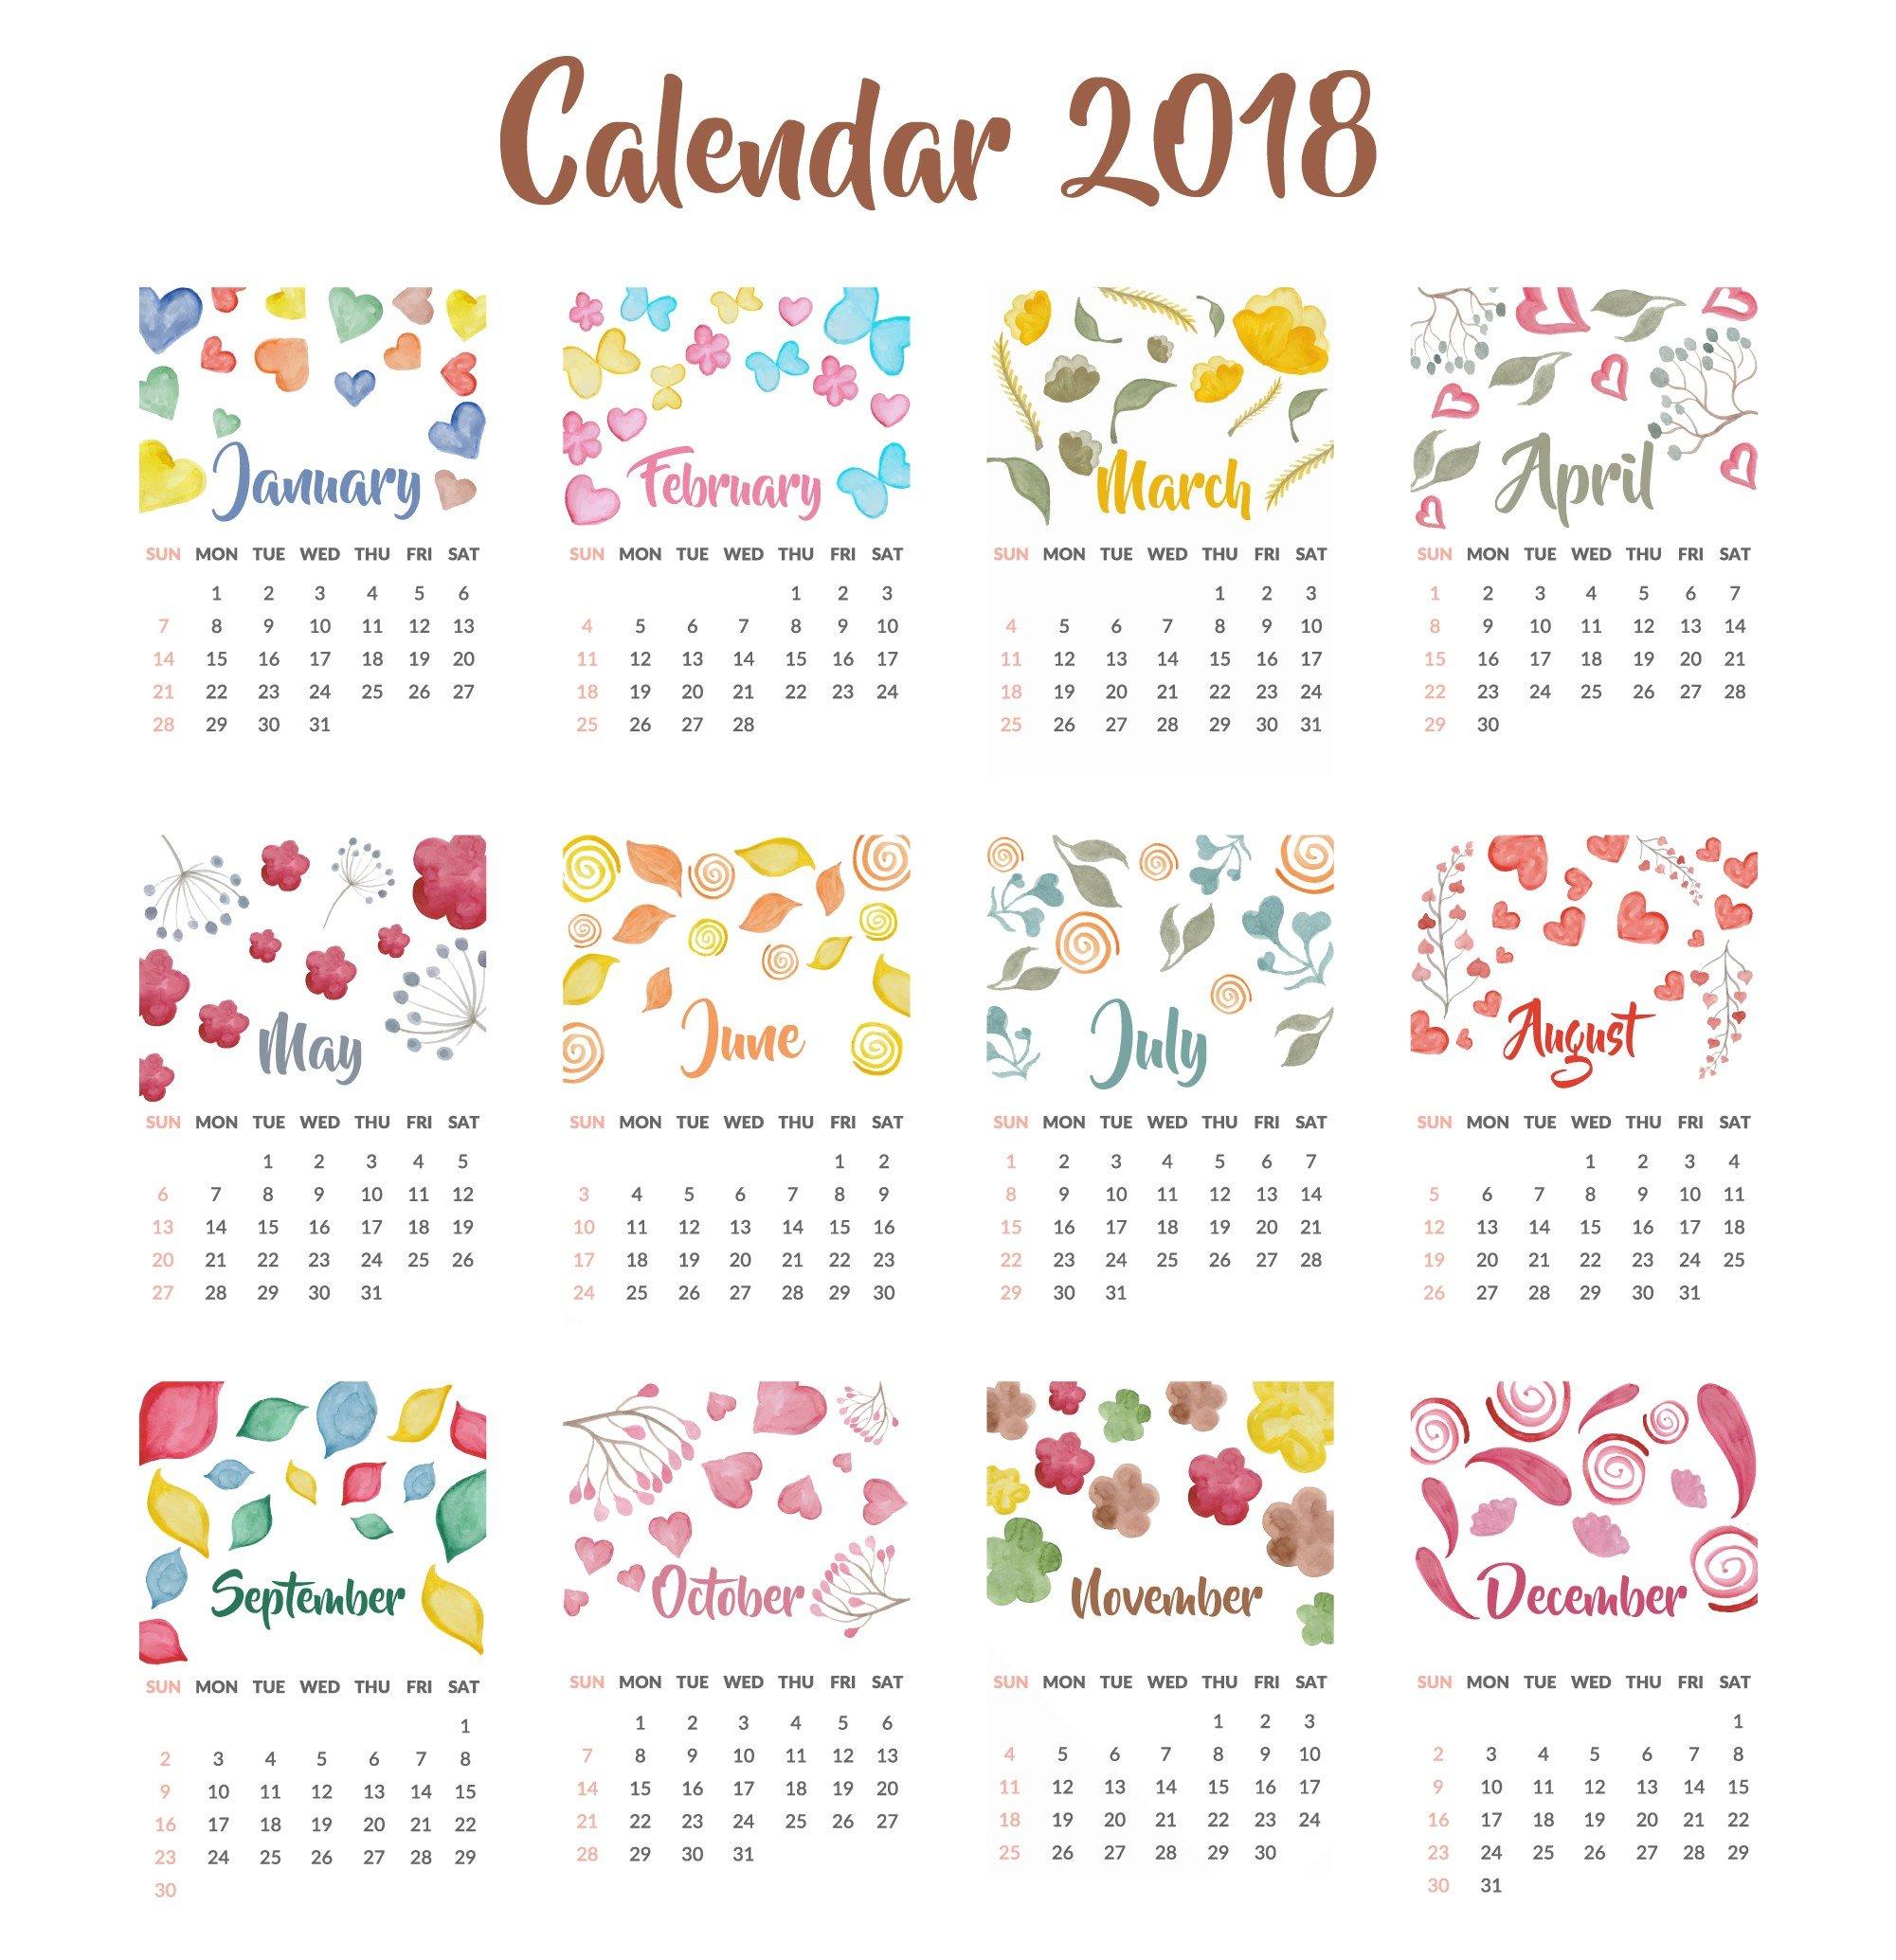 Yearly Calendar Template 2019 Archives – Bi Brucker Holz.de Frisch 9/80 Calendar 2019